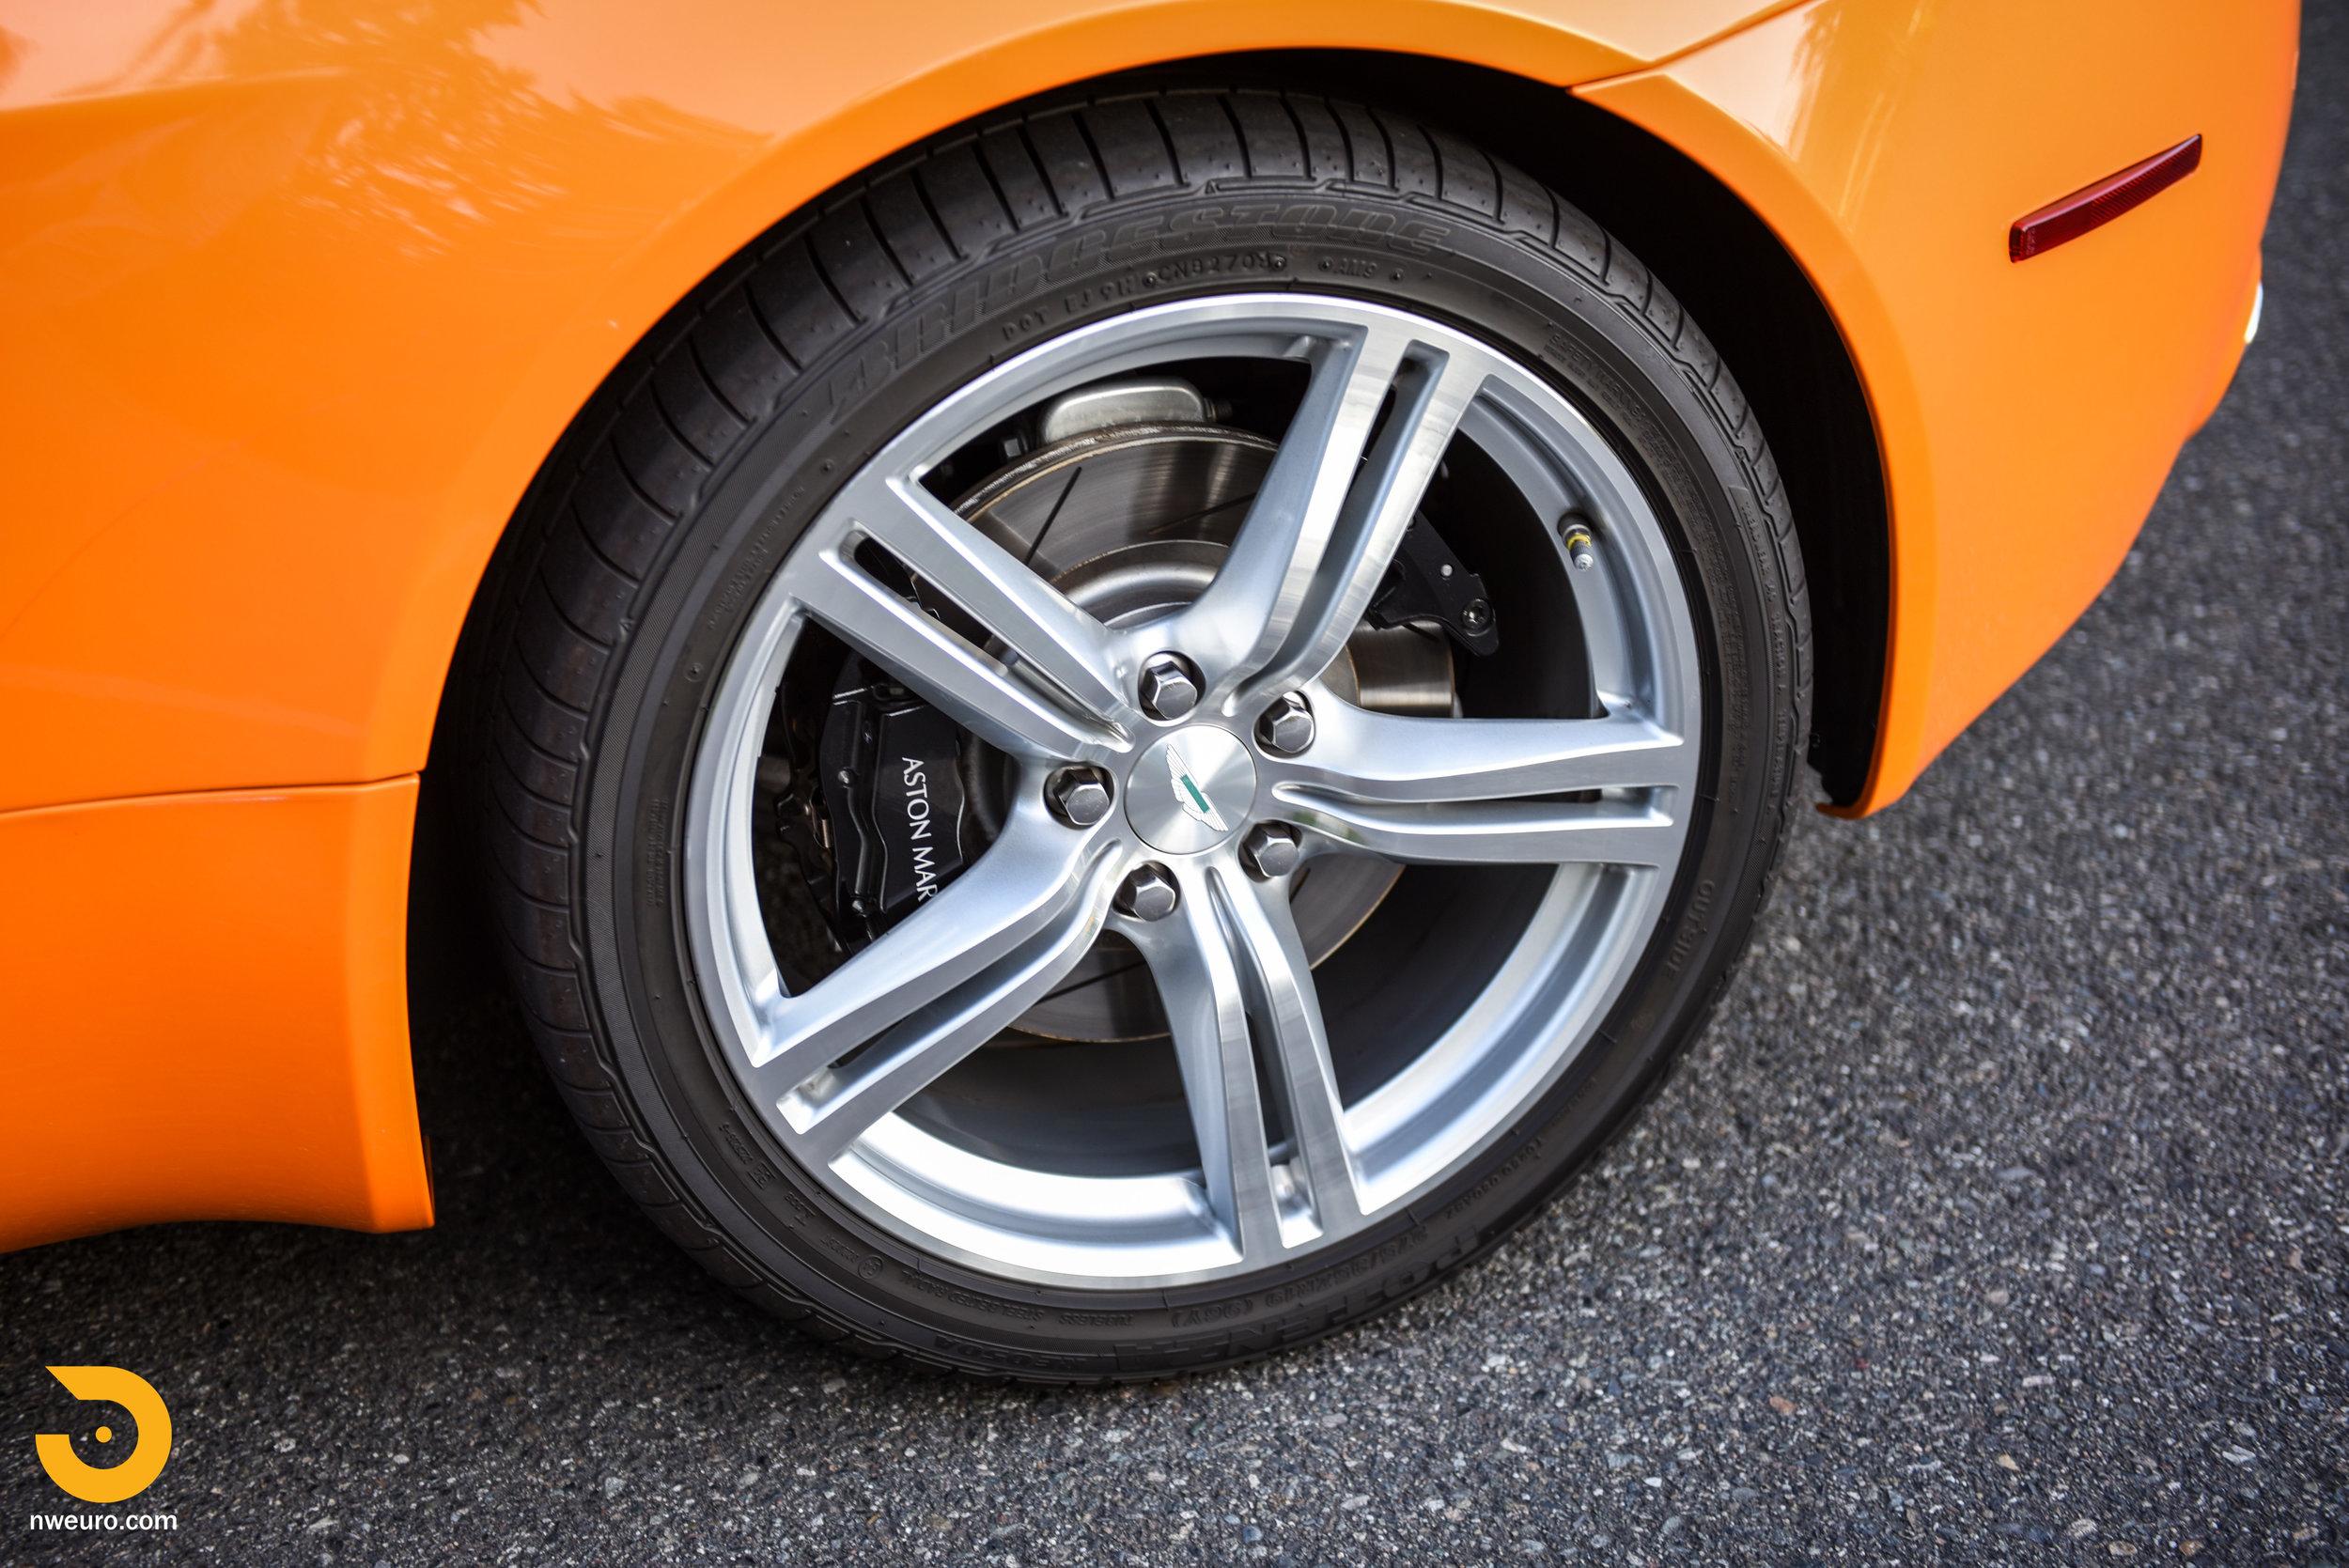 2009 Aston Martin V8 Vantage-46.jpg